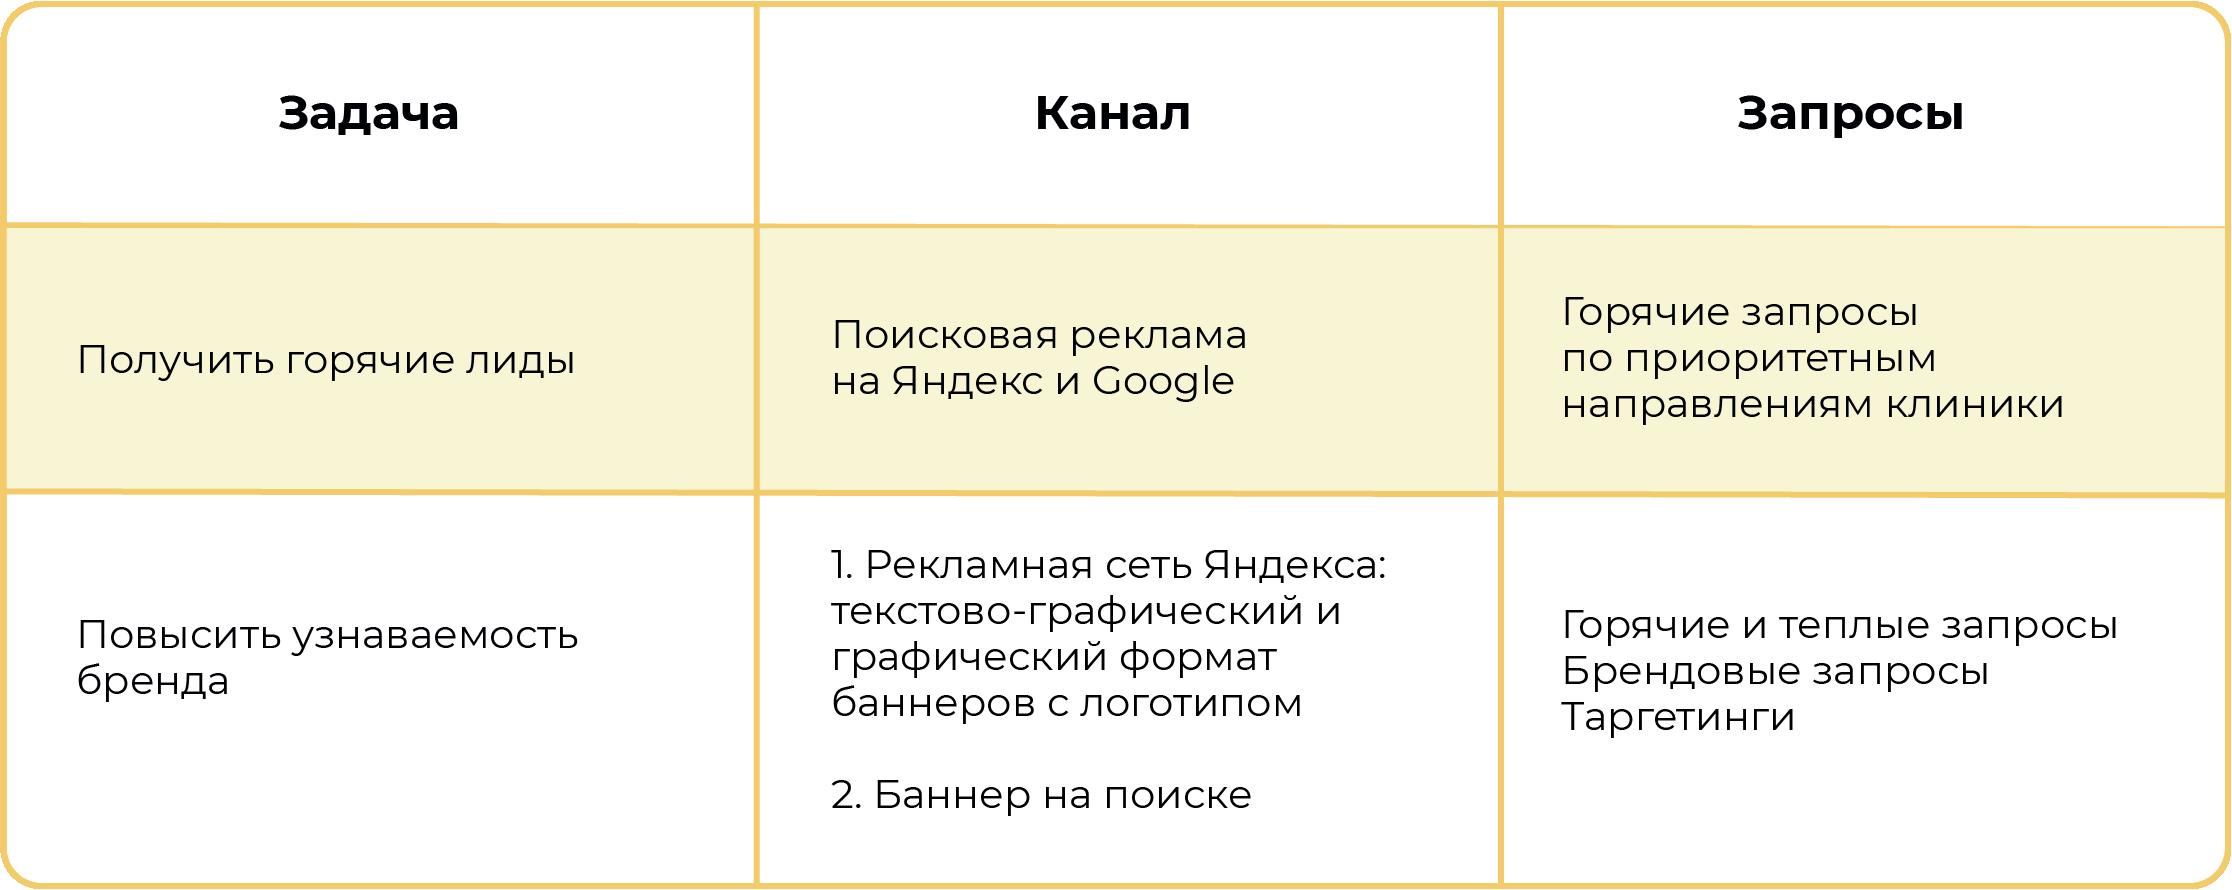 Распределение каналов продвижения в зависимости от маркетинговой задачи